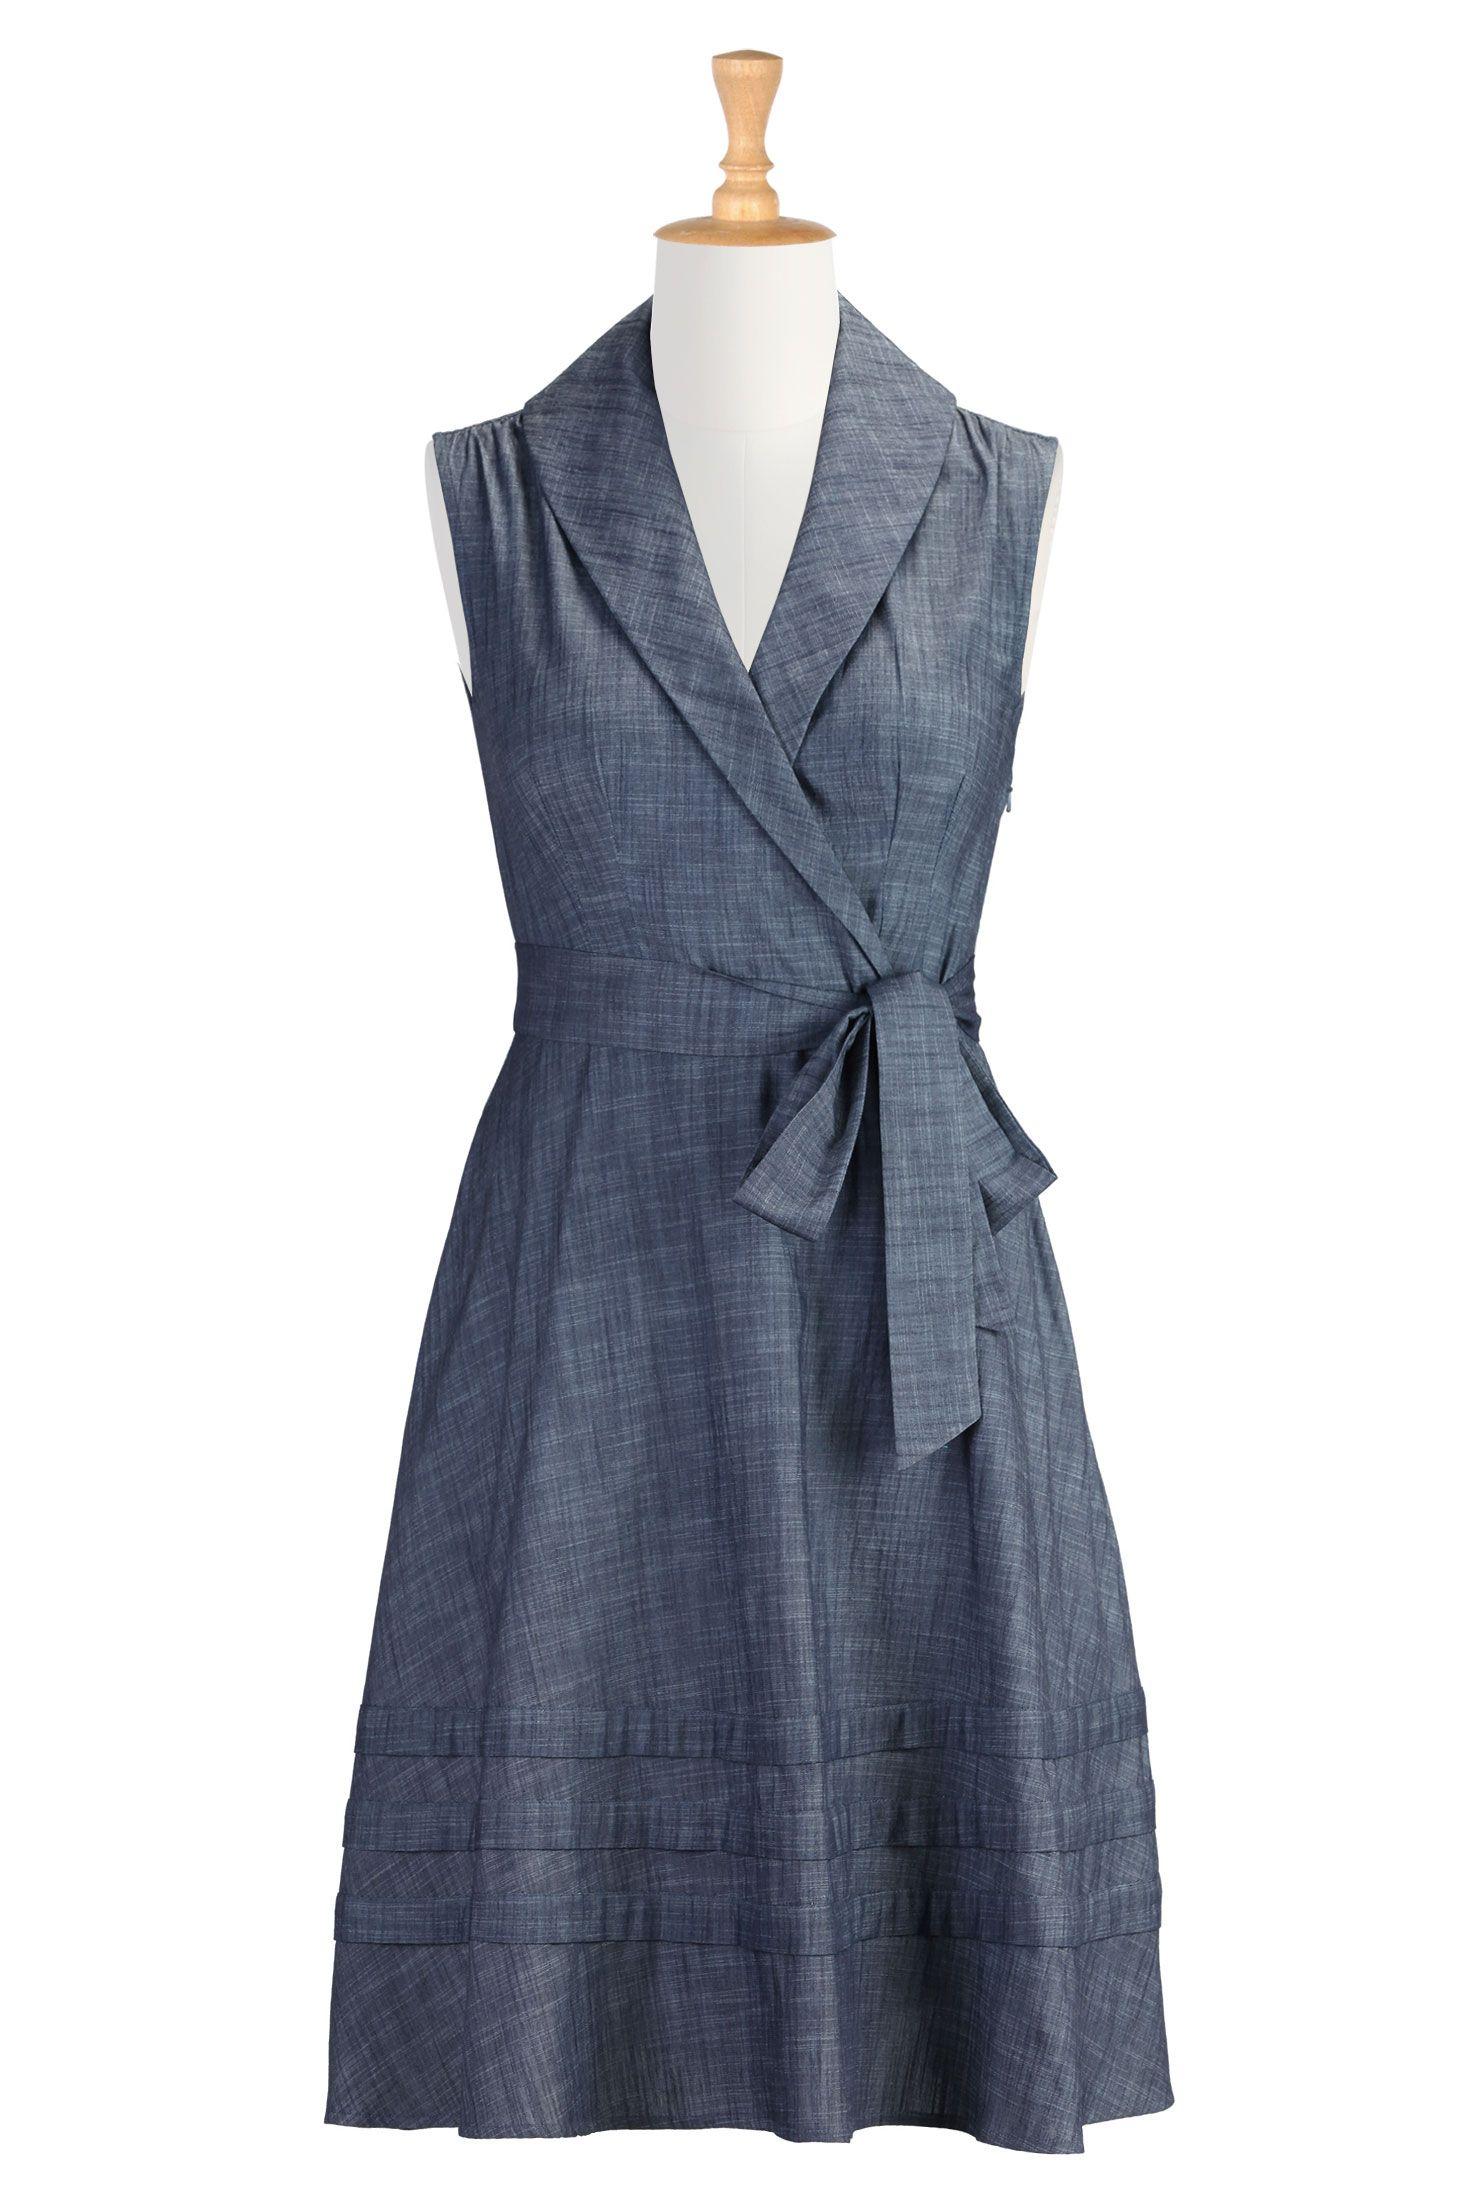 Vestidos denim online